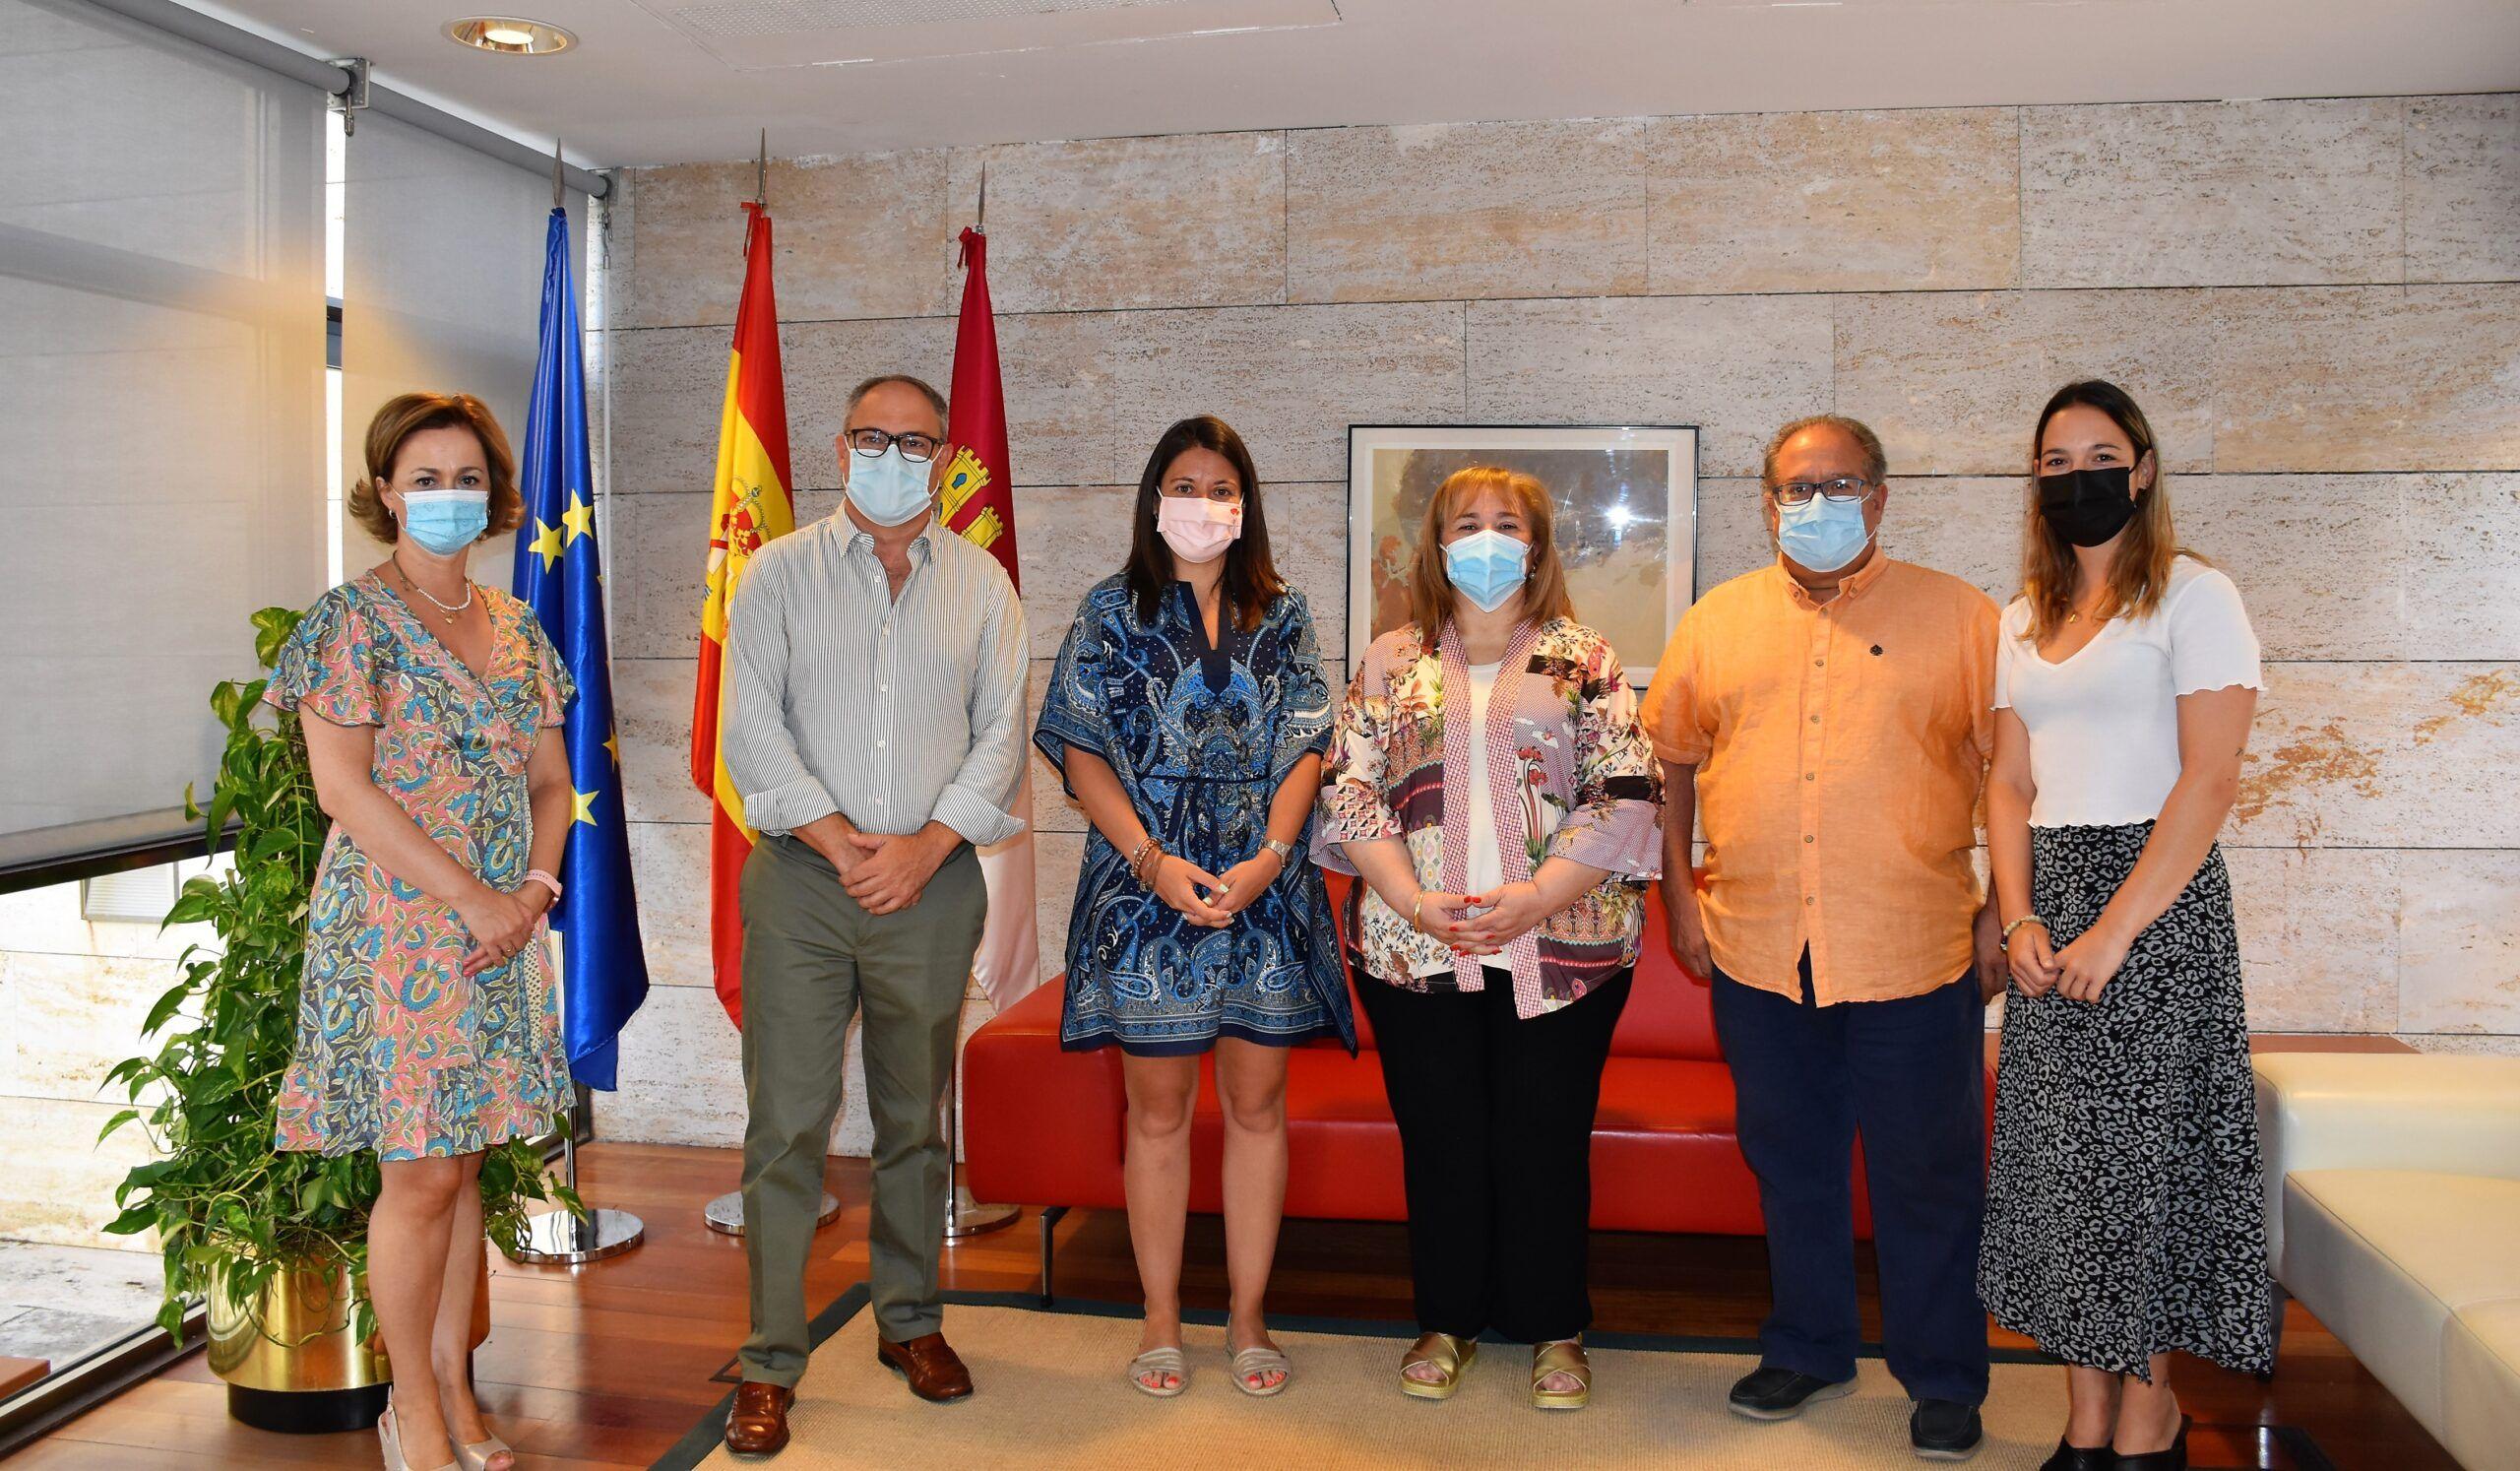 El Gobierno regional respalda la labor de la Fundación Ceres para la inserción socio-laboral de personas vulnerables, dependientes o en riesgo de exclusión